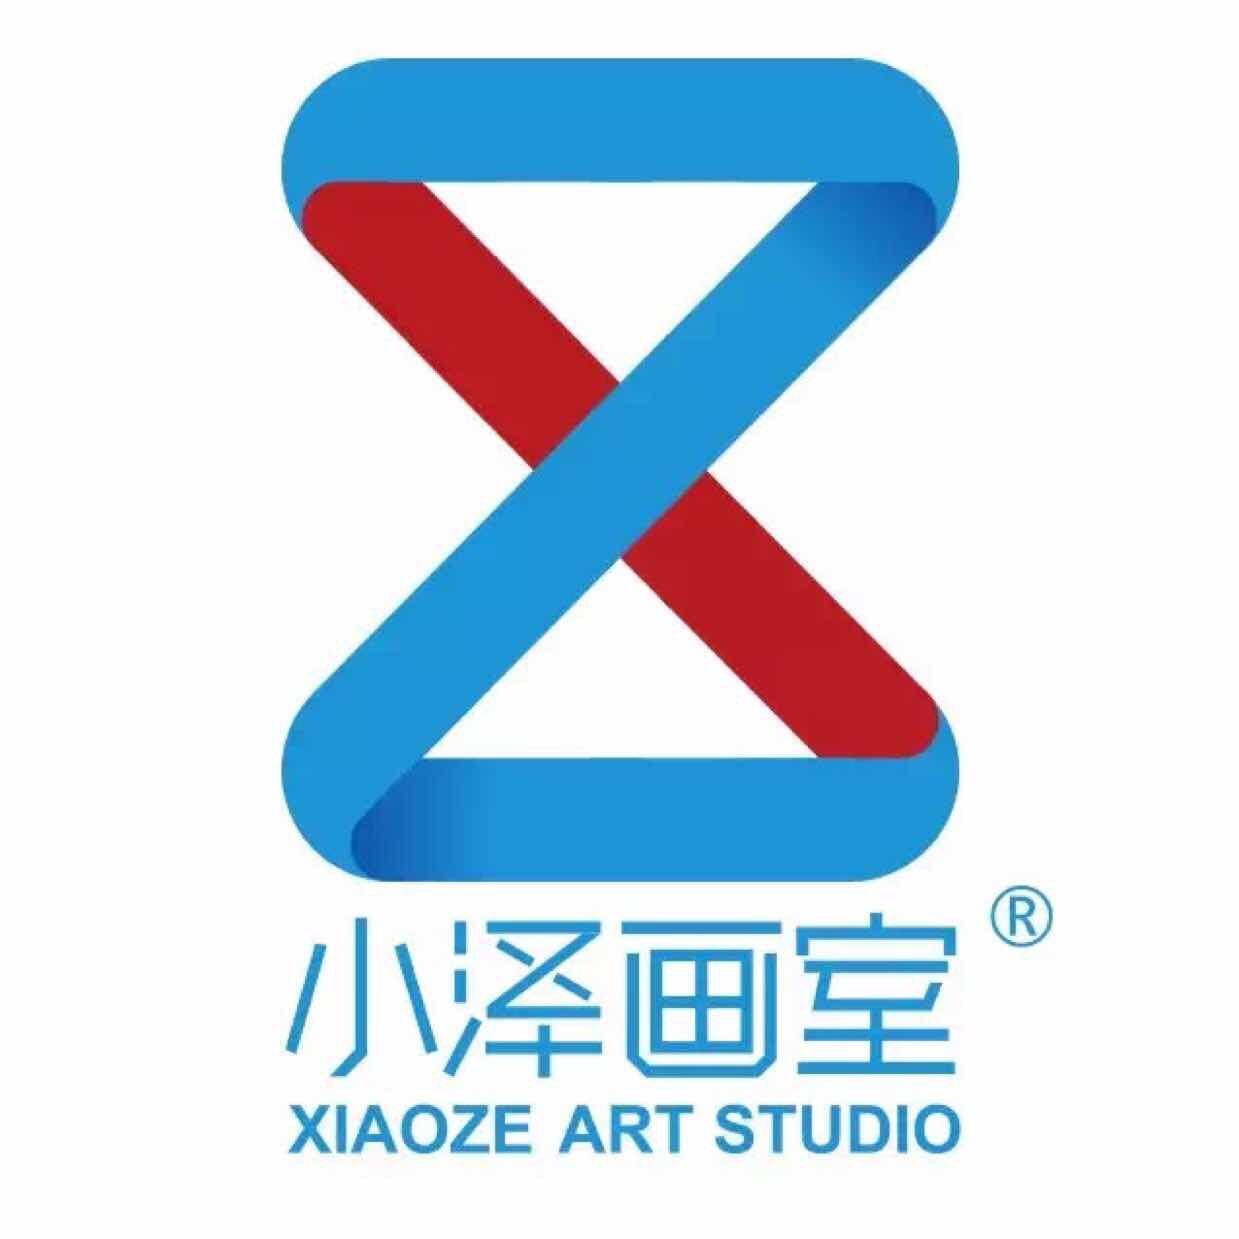 北京小泽文化艺术有限公司